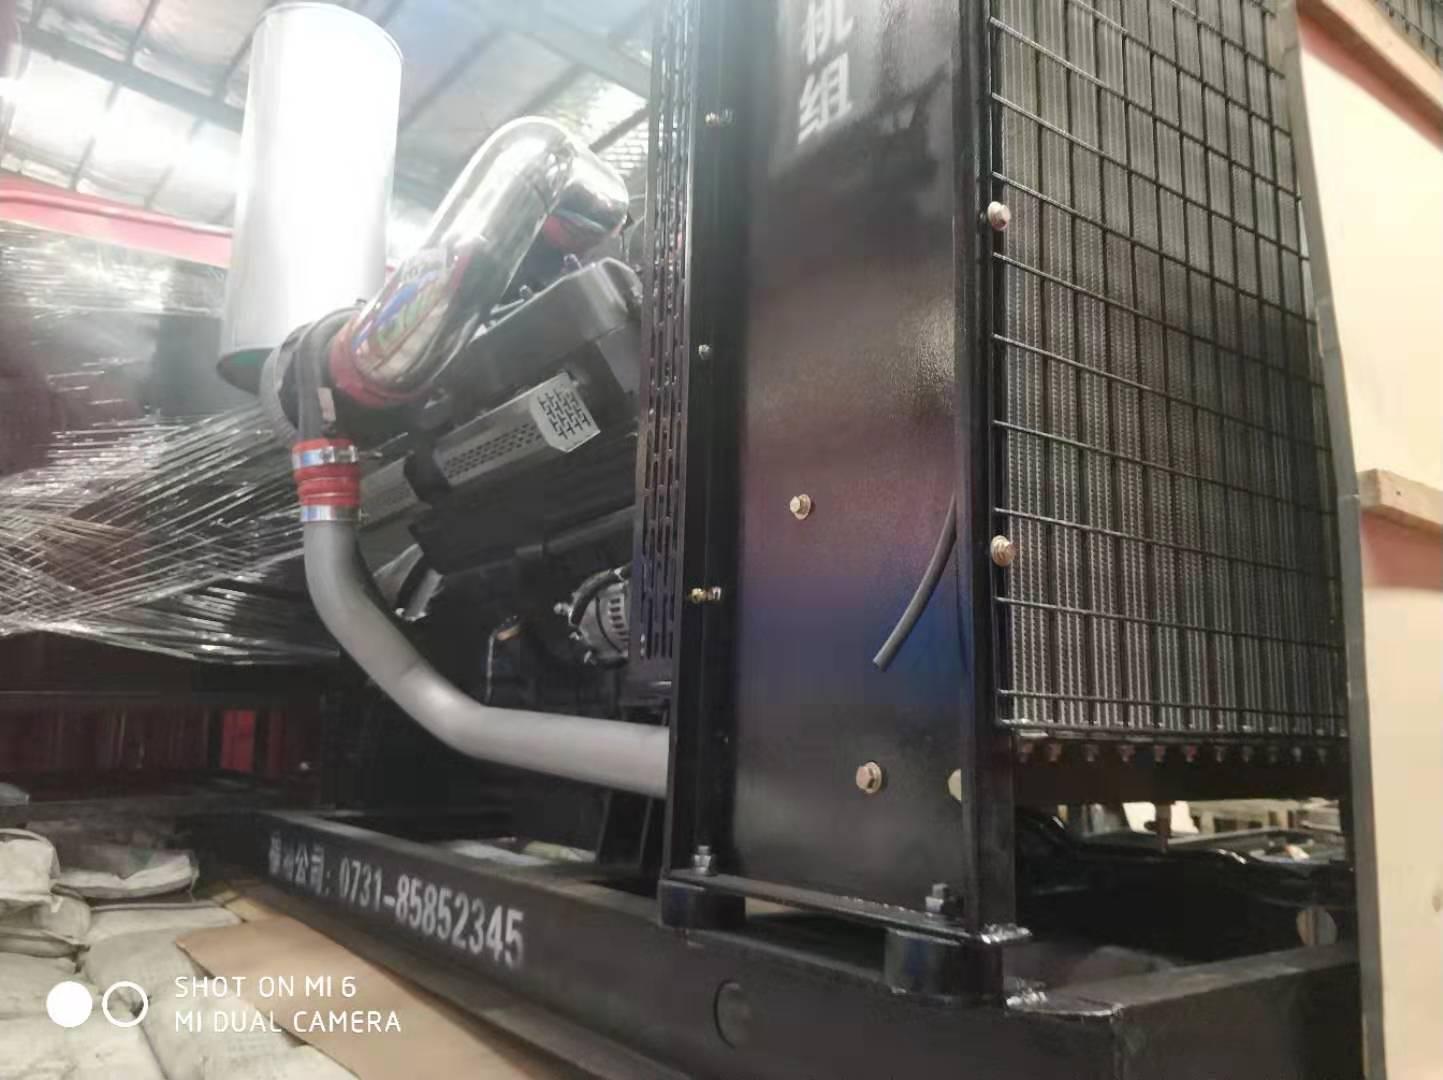 福湘发电设备公司:500KW上海凯普动力配套广州道依茨发电机出发送货客户现场